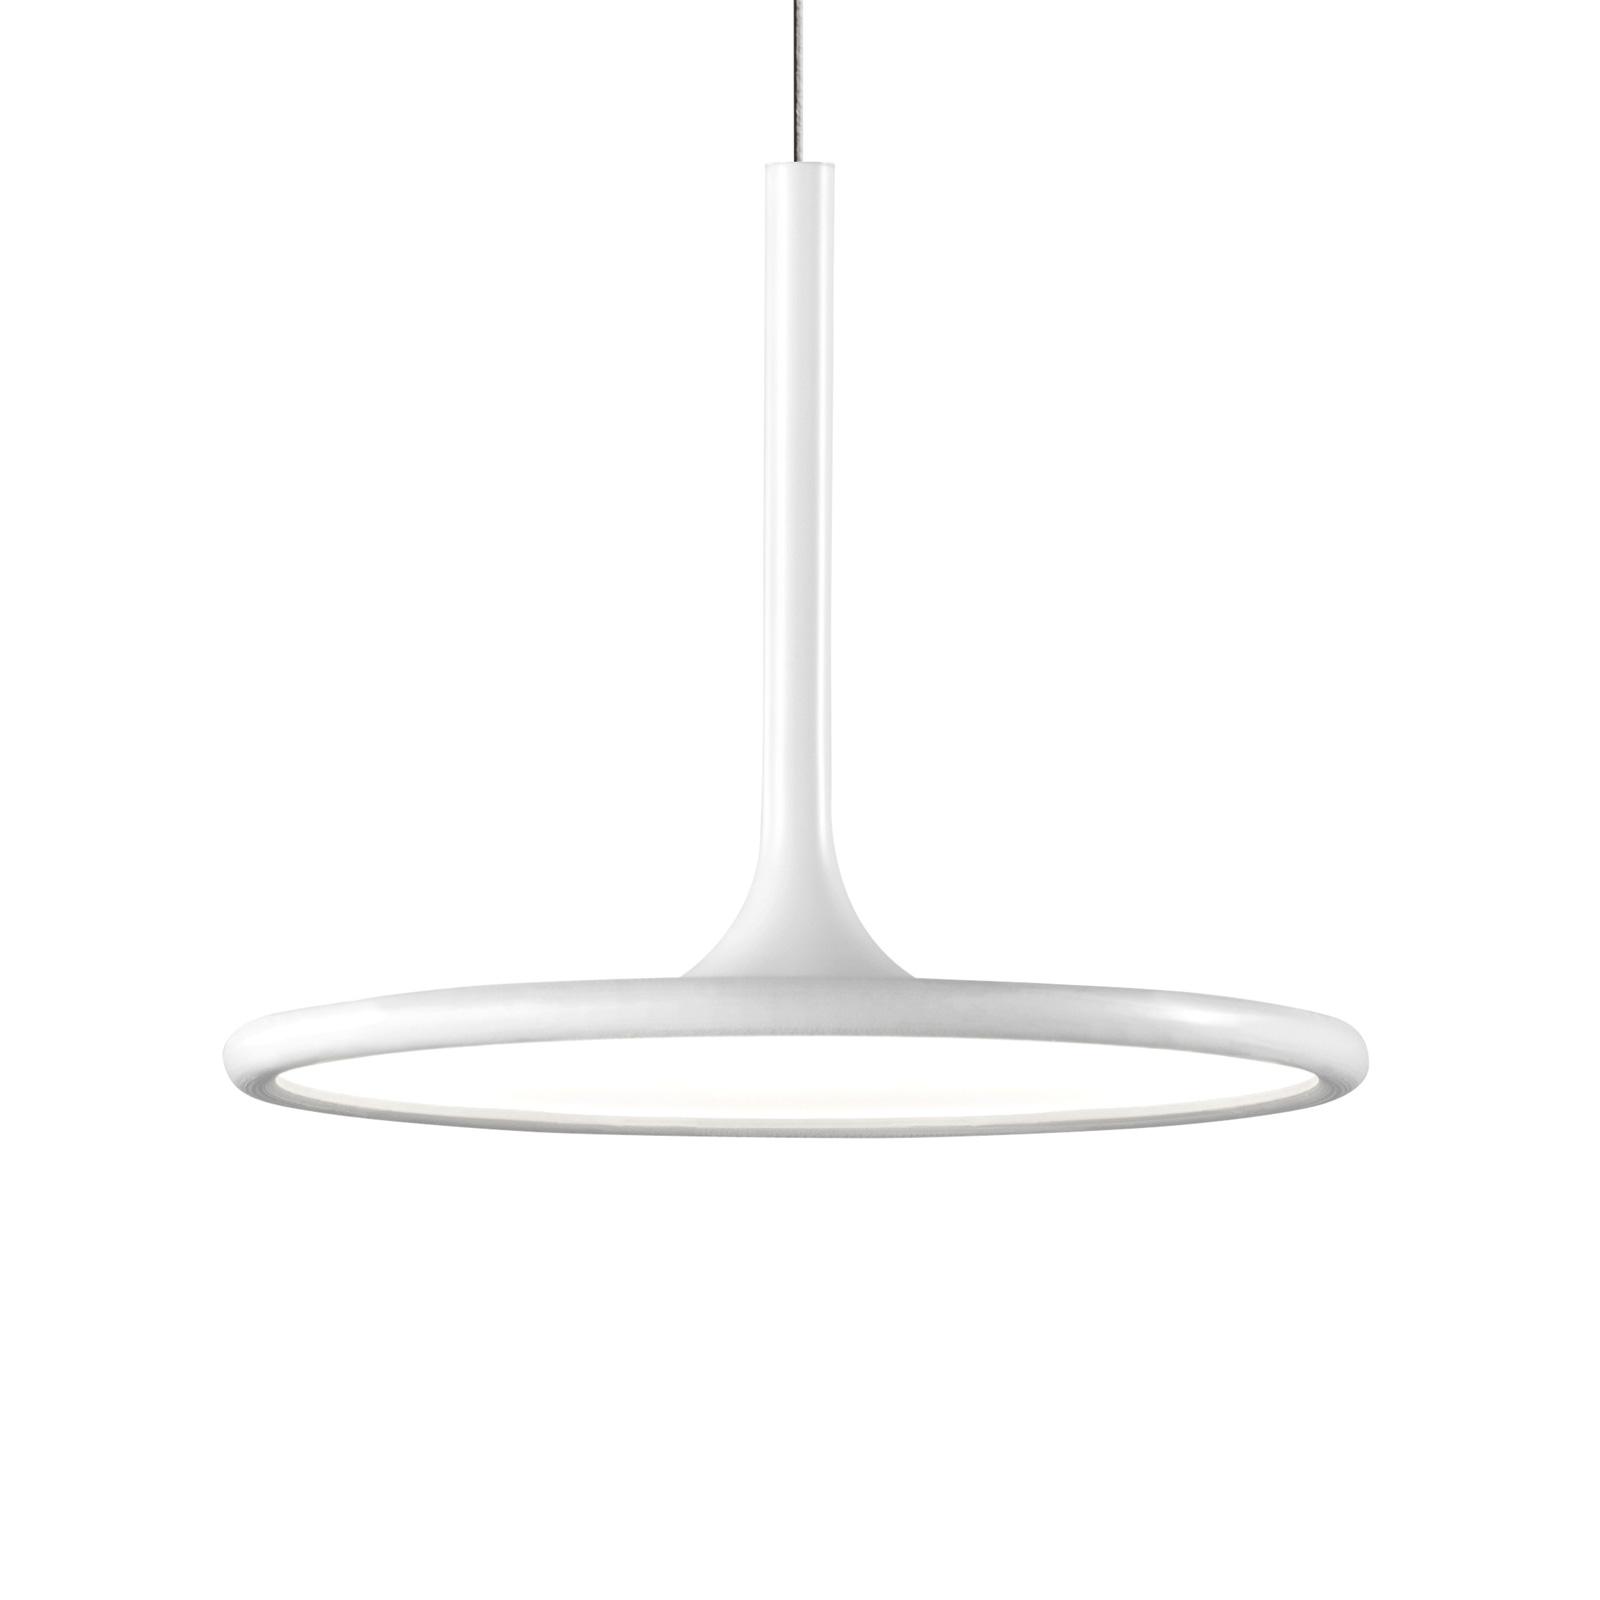 Grok Net lampa wisząca LED biała matowa, Ø 25 cm